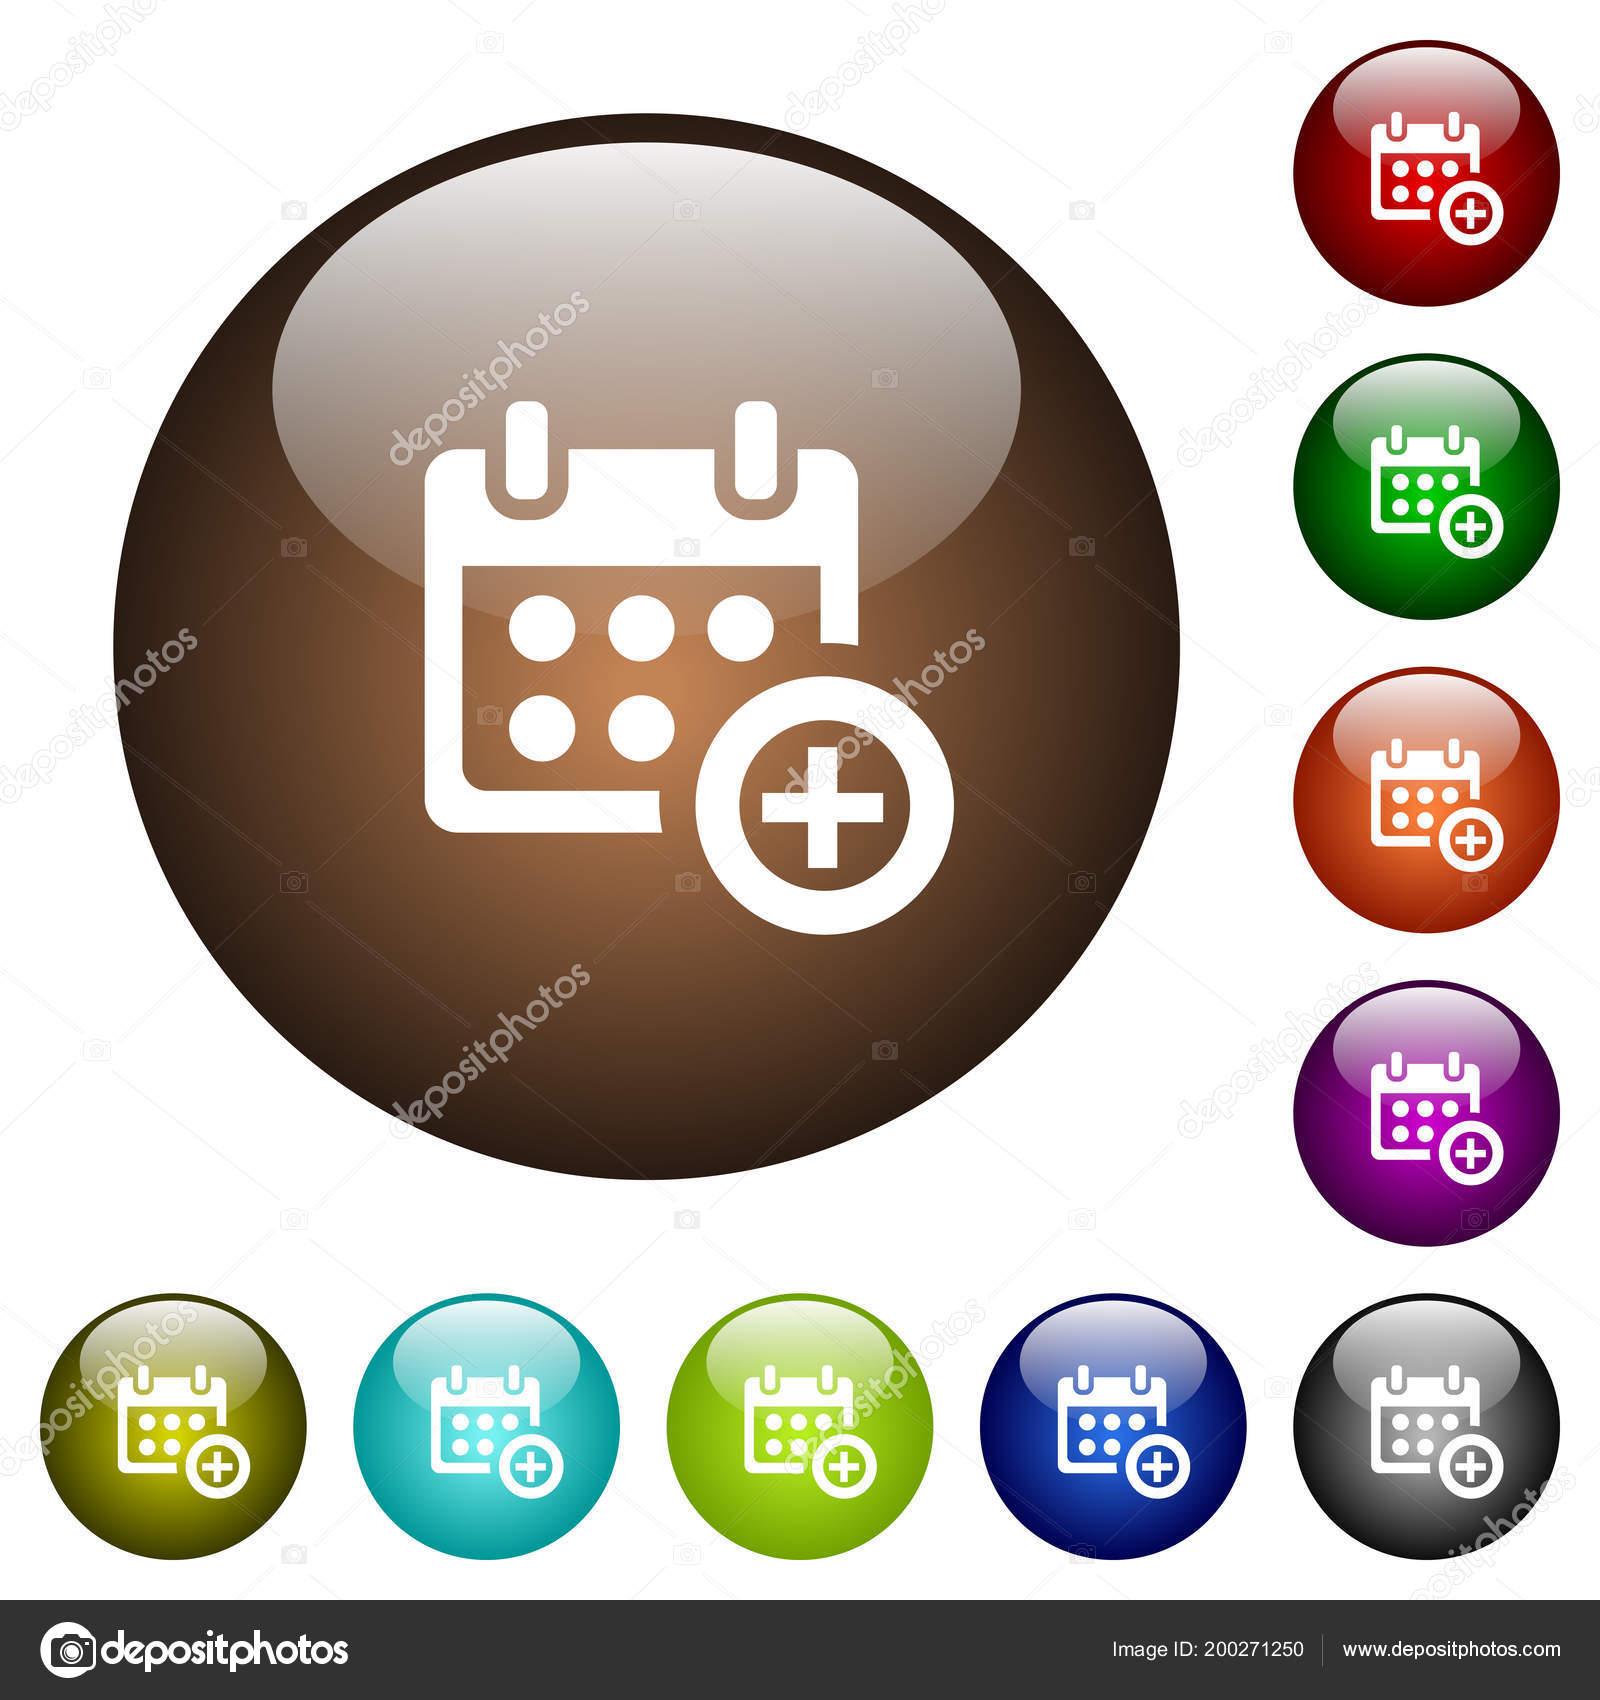 Anadir Calendario.Anadir Calendario Blanco Iconos Botones Cristal Color